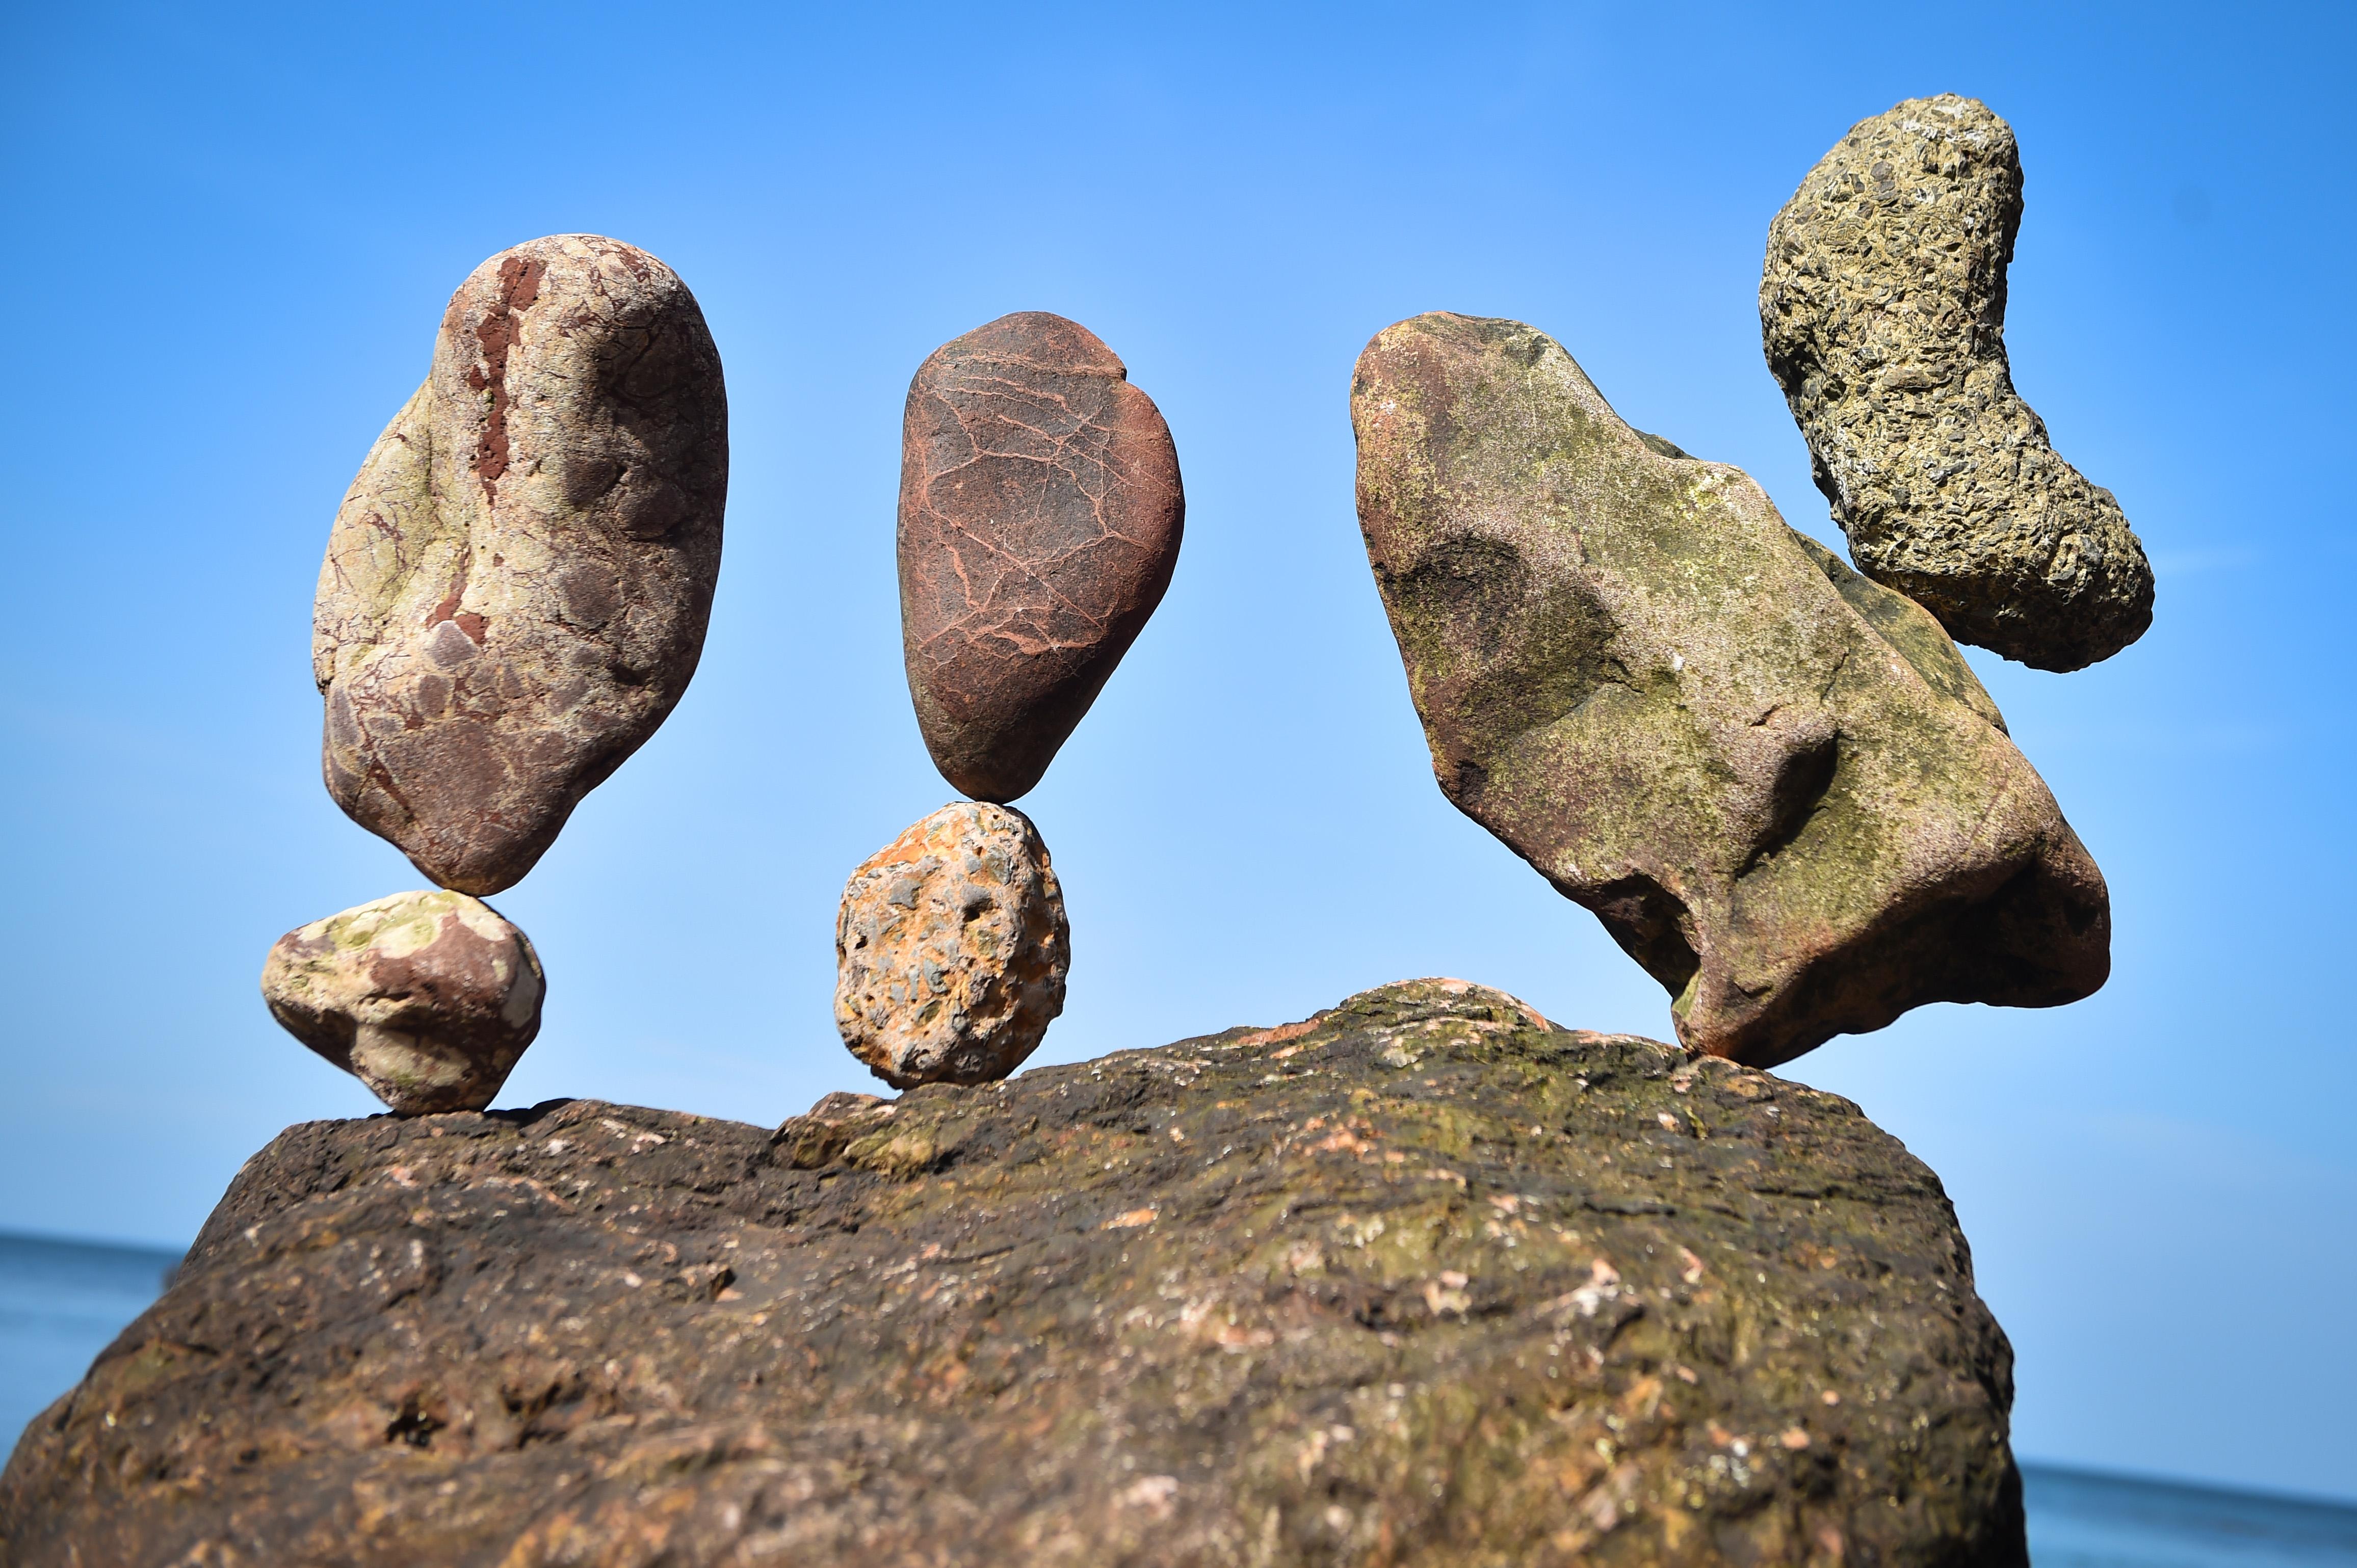 歐洲疊石頭大賽 奇形怪石平衡堆疊